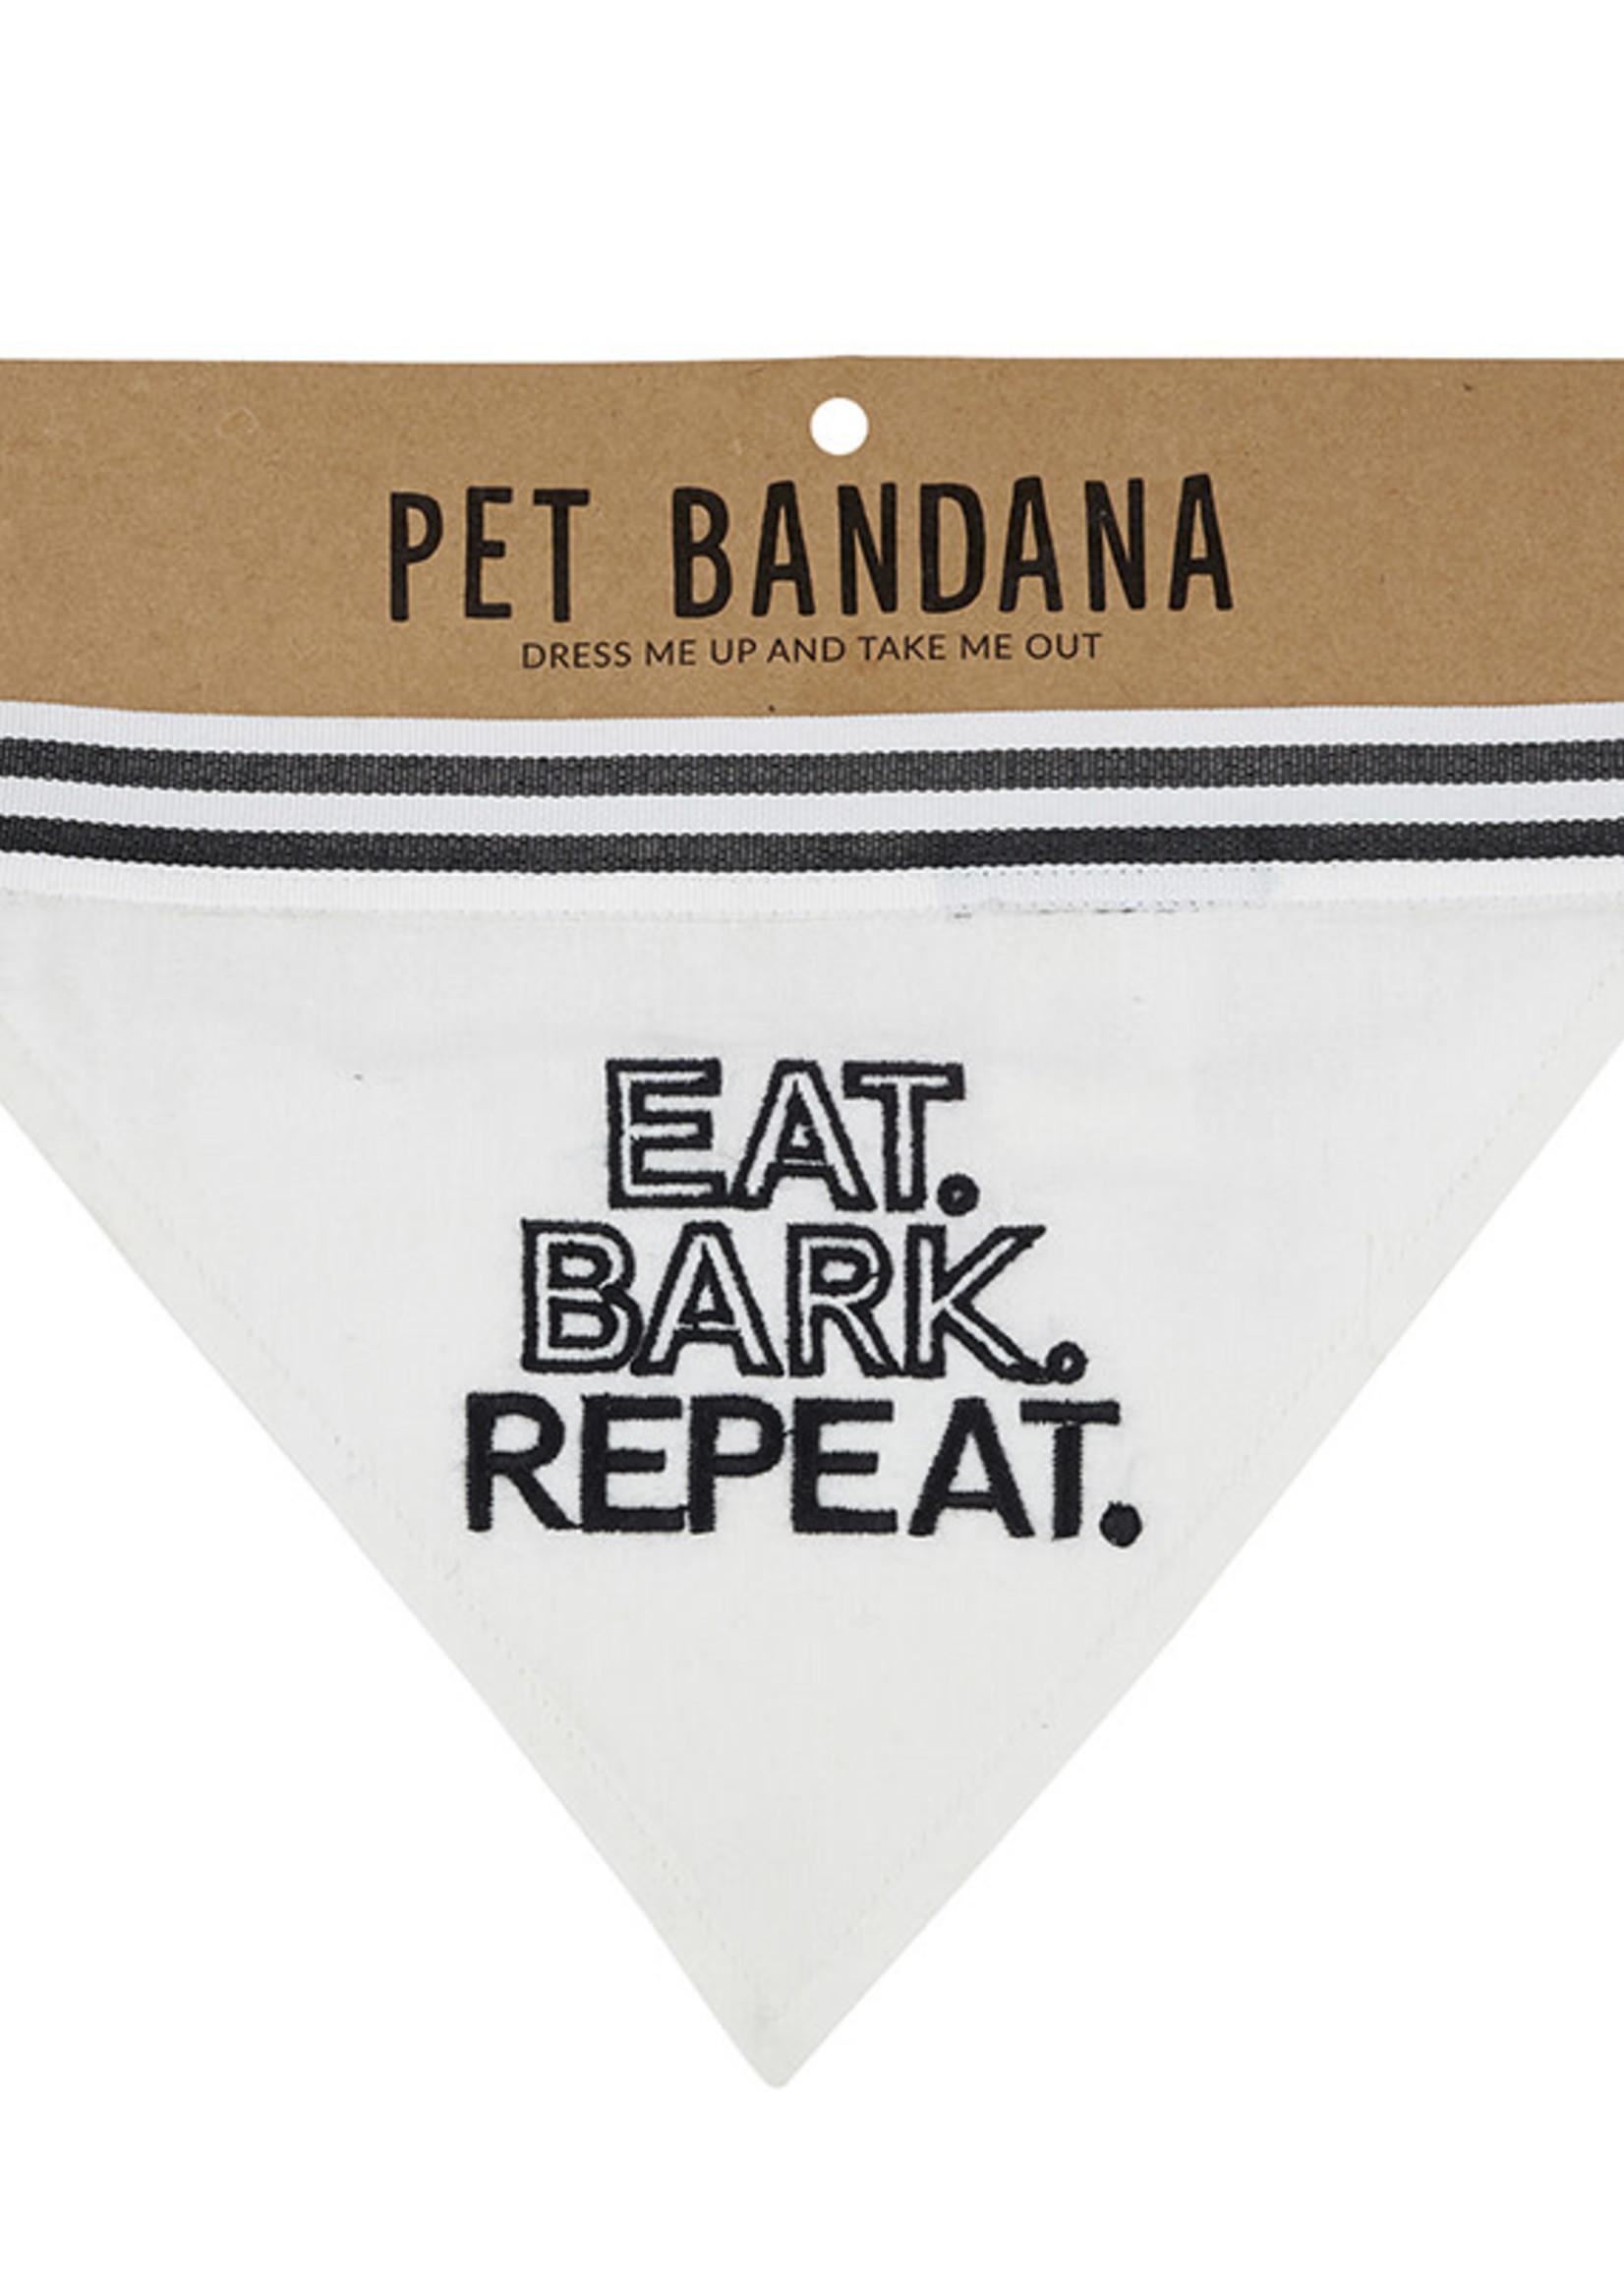 CREATIVE BRANDS PET BANDANA - EAT BARK REPEAT